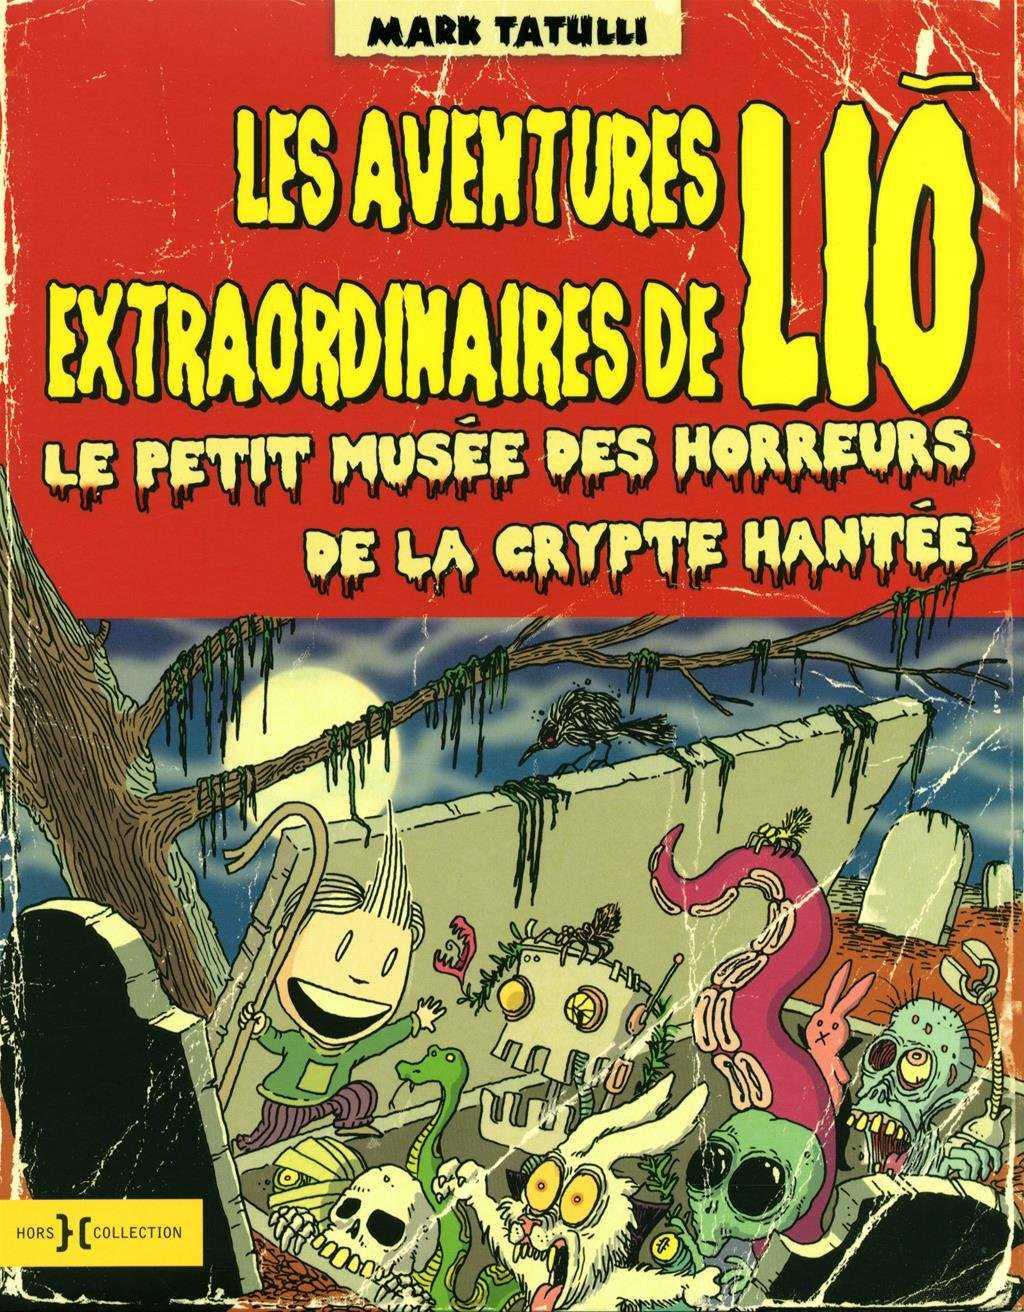 Les Aventures extraordinaires de Lio et ses monstres